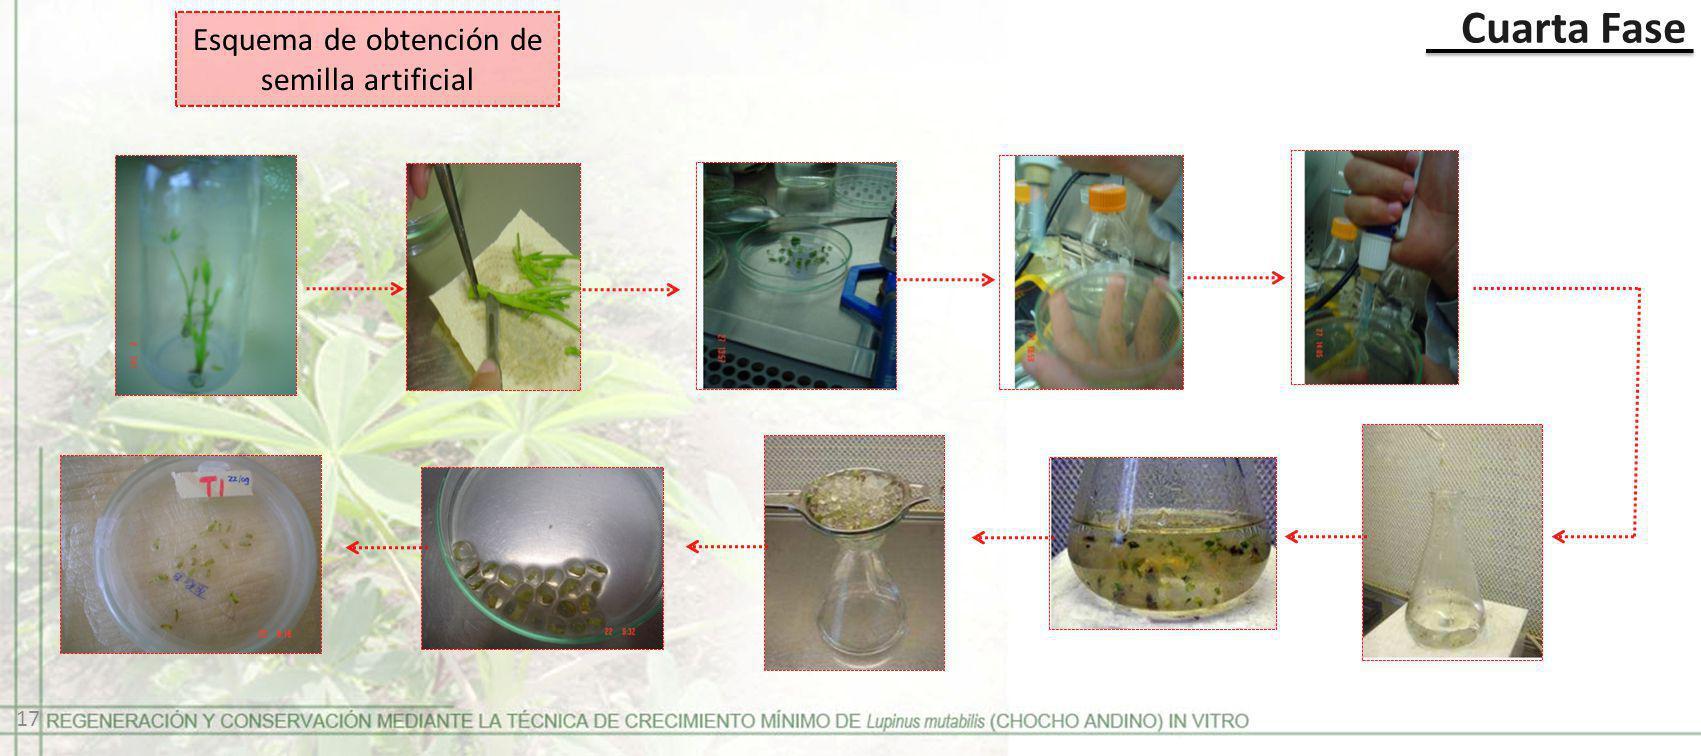 Esquema de obtención de semilla artificial